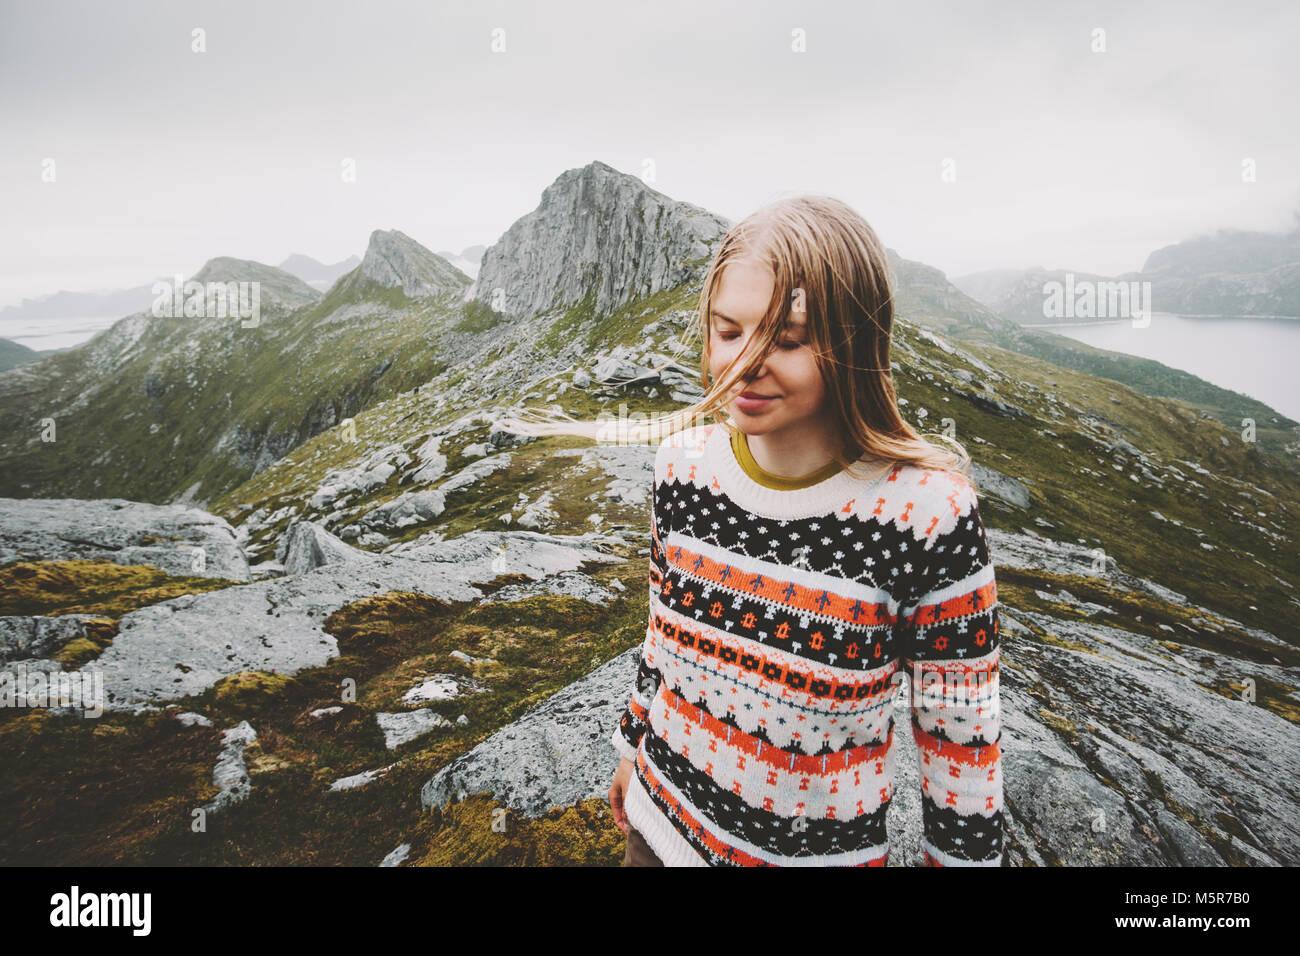 Joven Mujer rubia caminando en las montañas de Noruega Viajes concepto emocional en el estilo de vida al aire Imagen De Stock